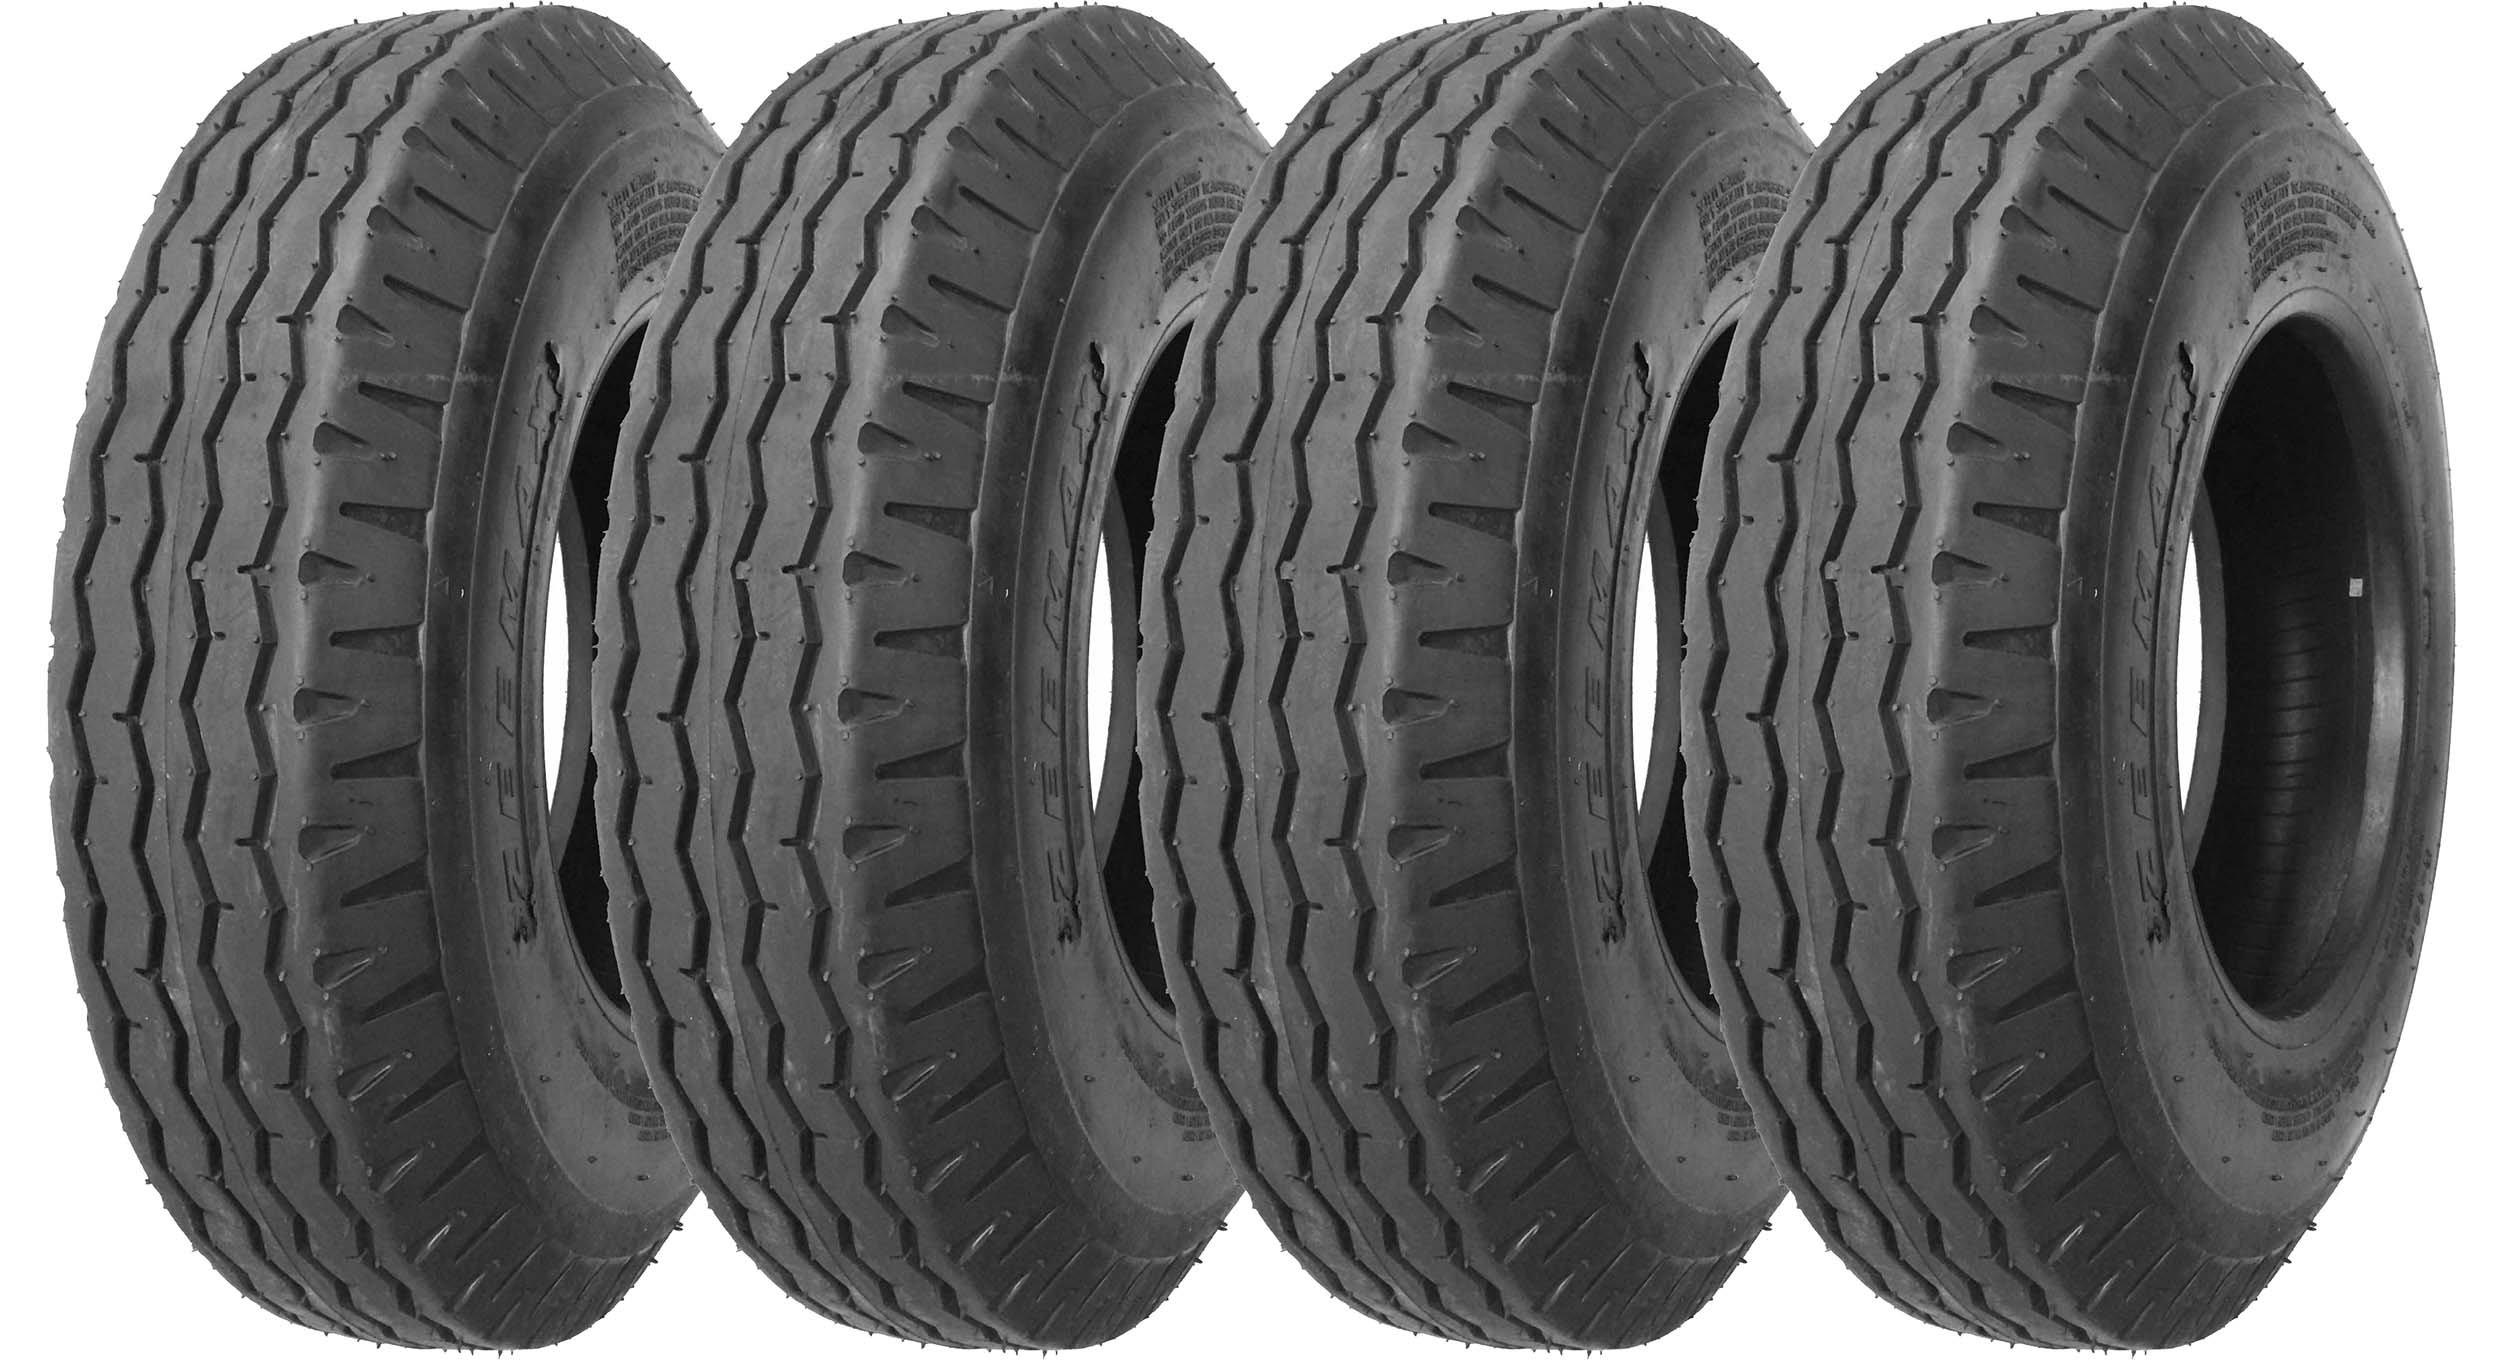 4 New Zeemax Heavy Duty Highway Mobile Home Trailer Tires 8-14.5 14PR Load Range G- 11067